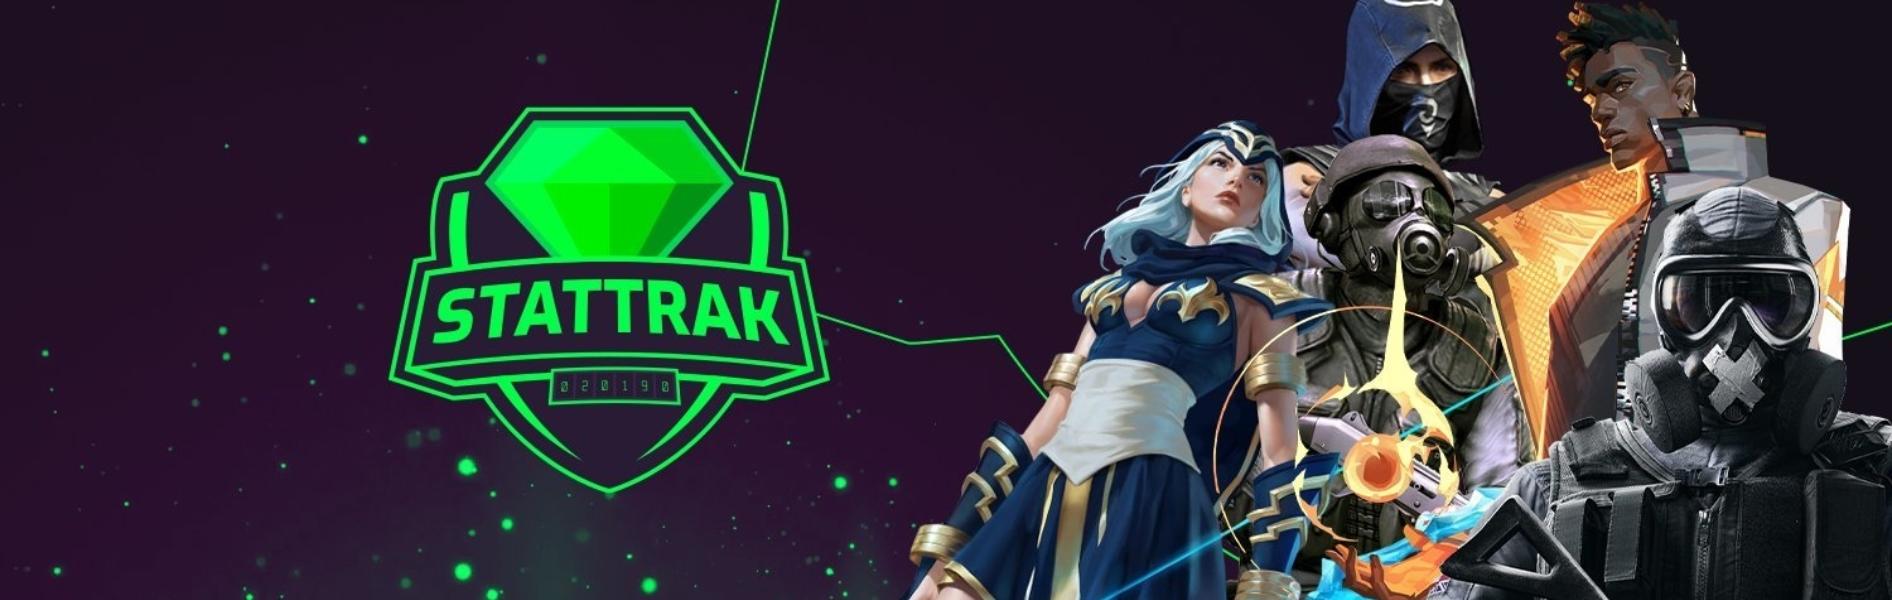 Stattrak Banner